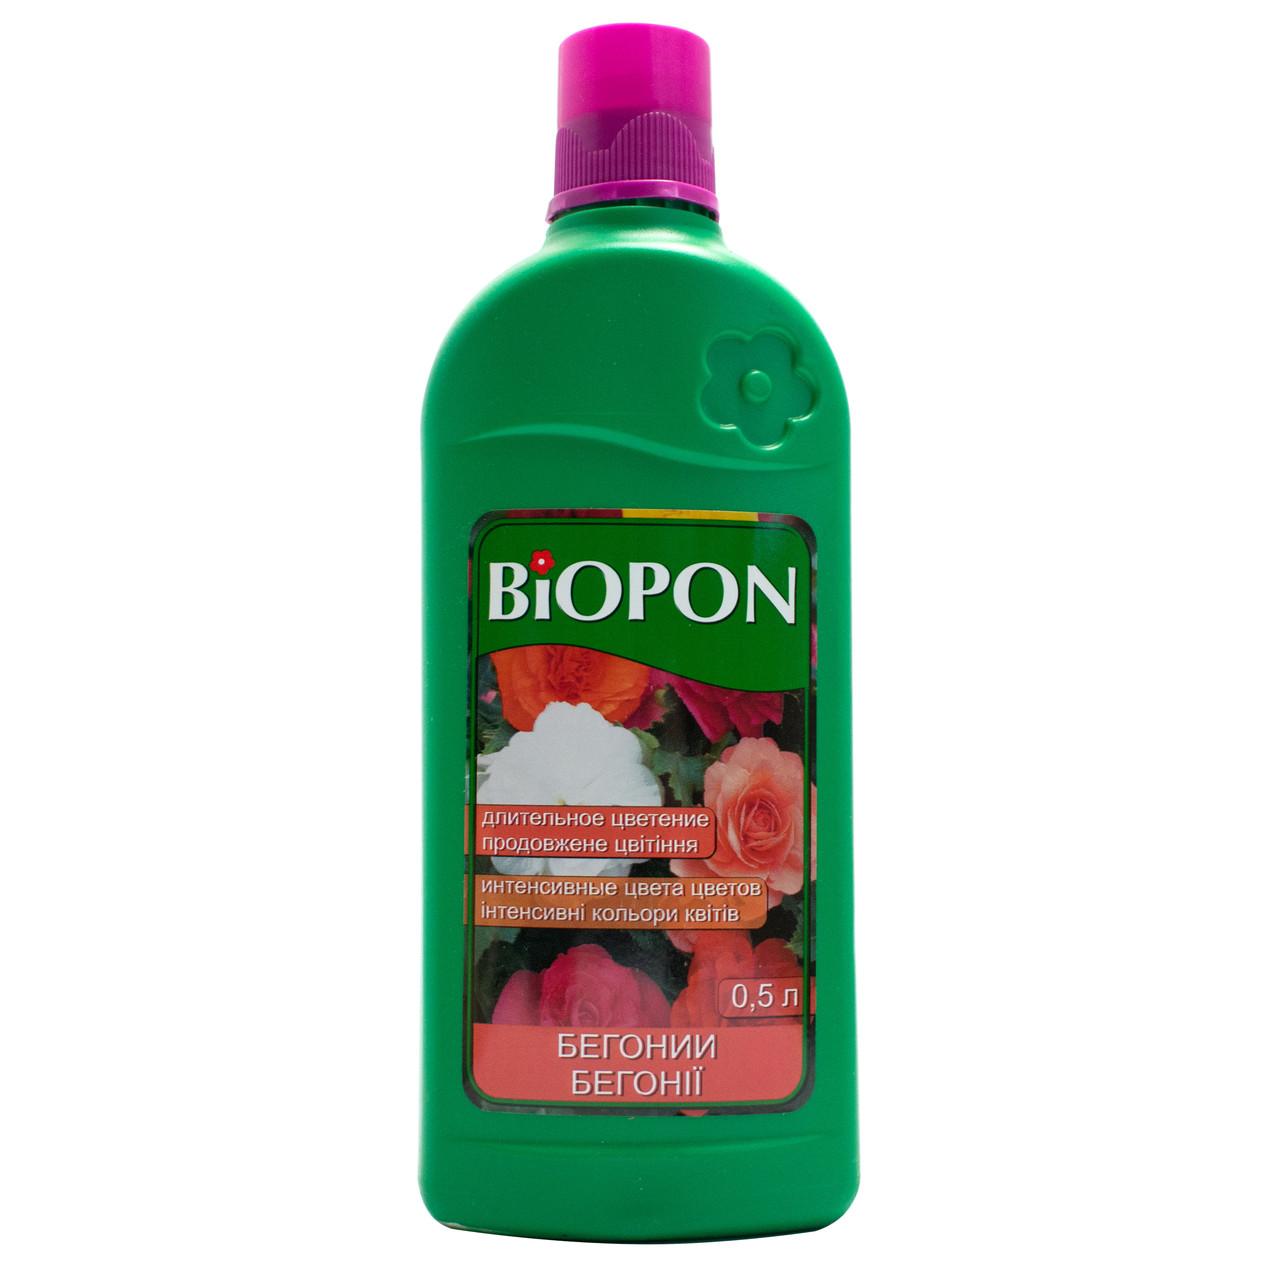 Удобрение Biopon для бегоний 500 мл